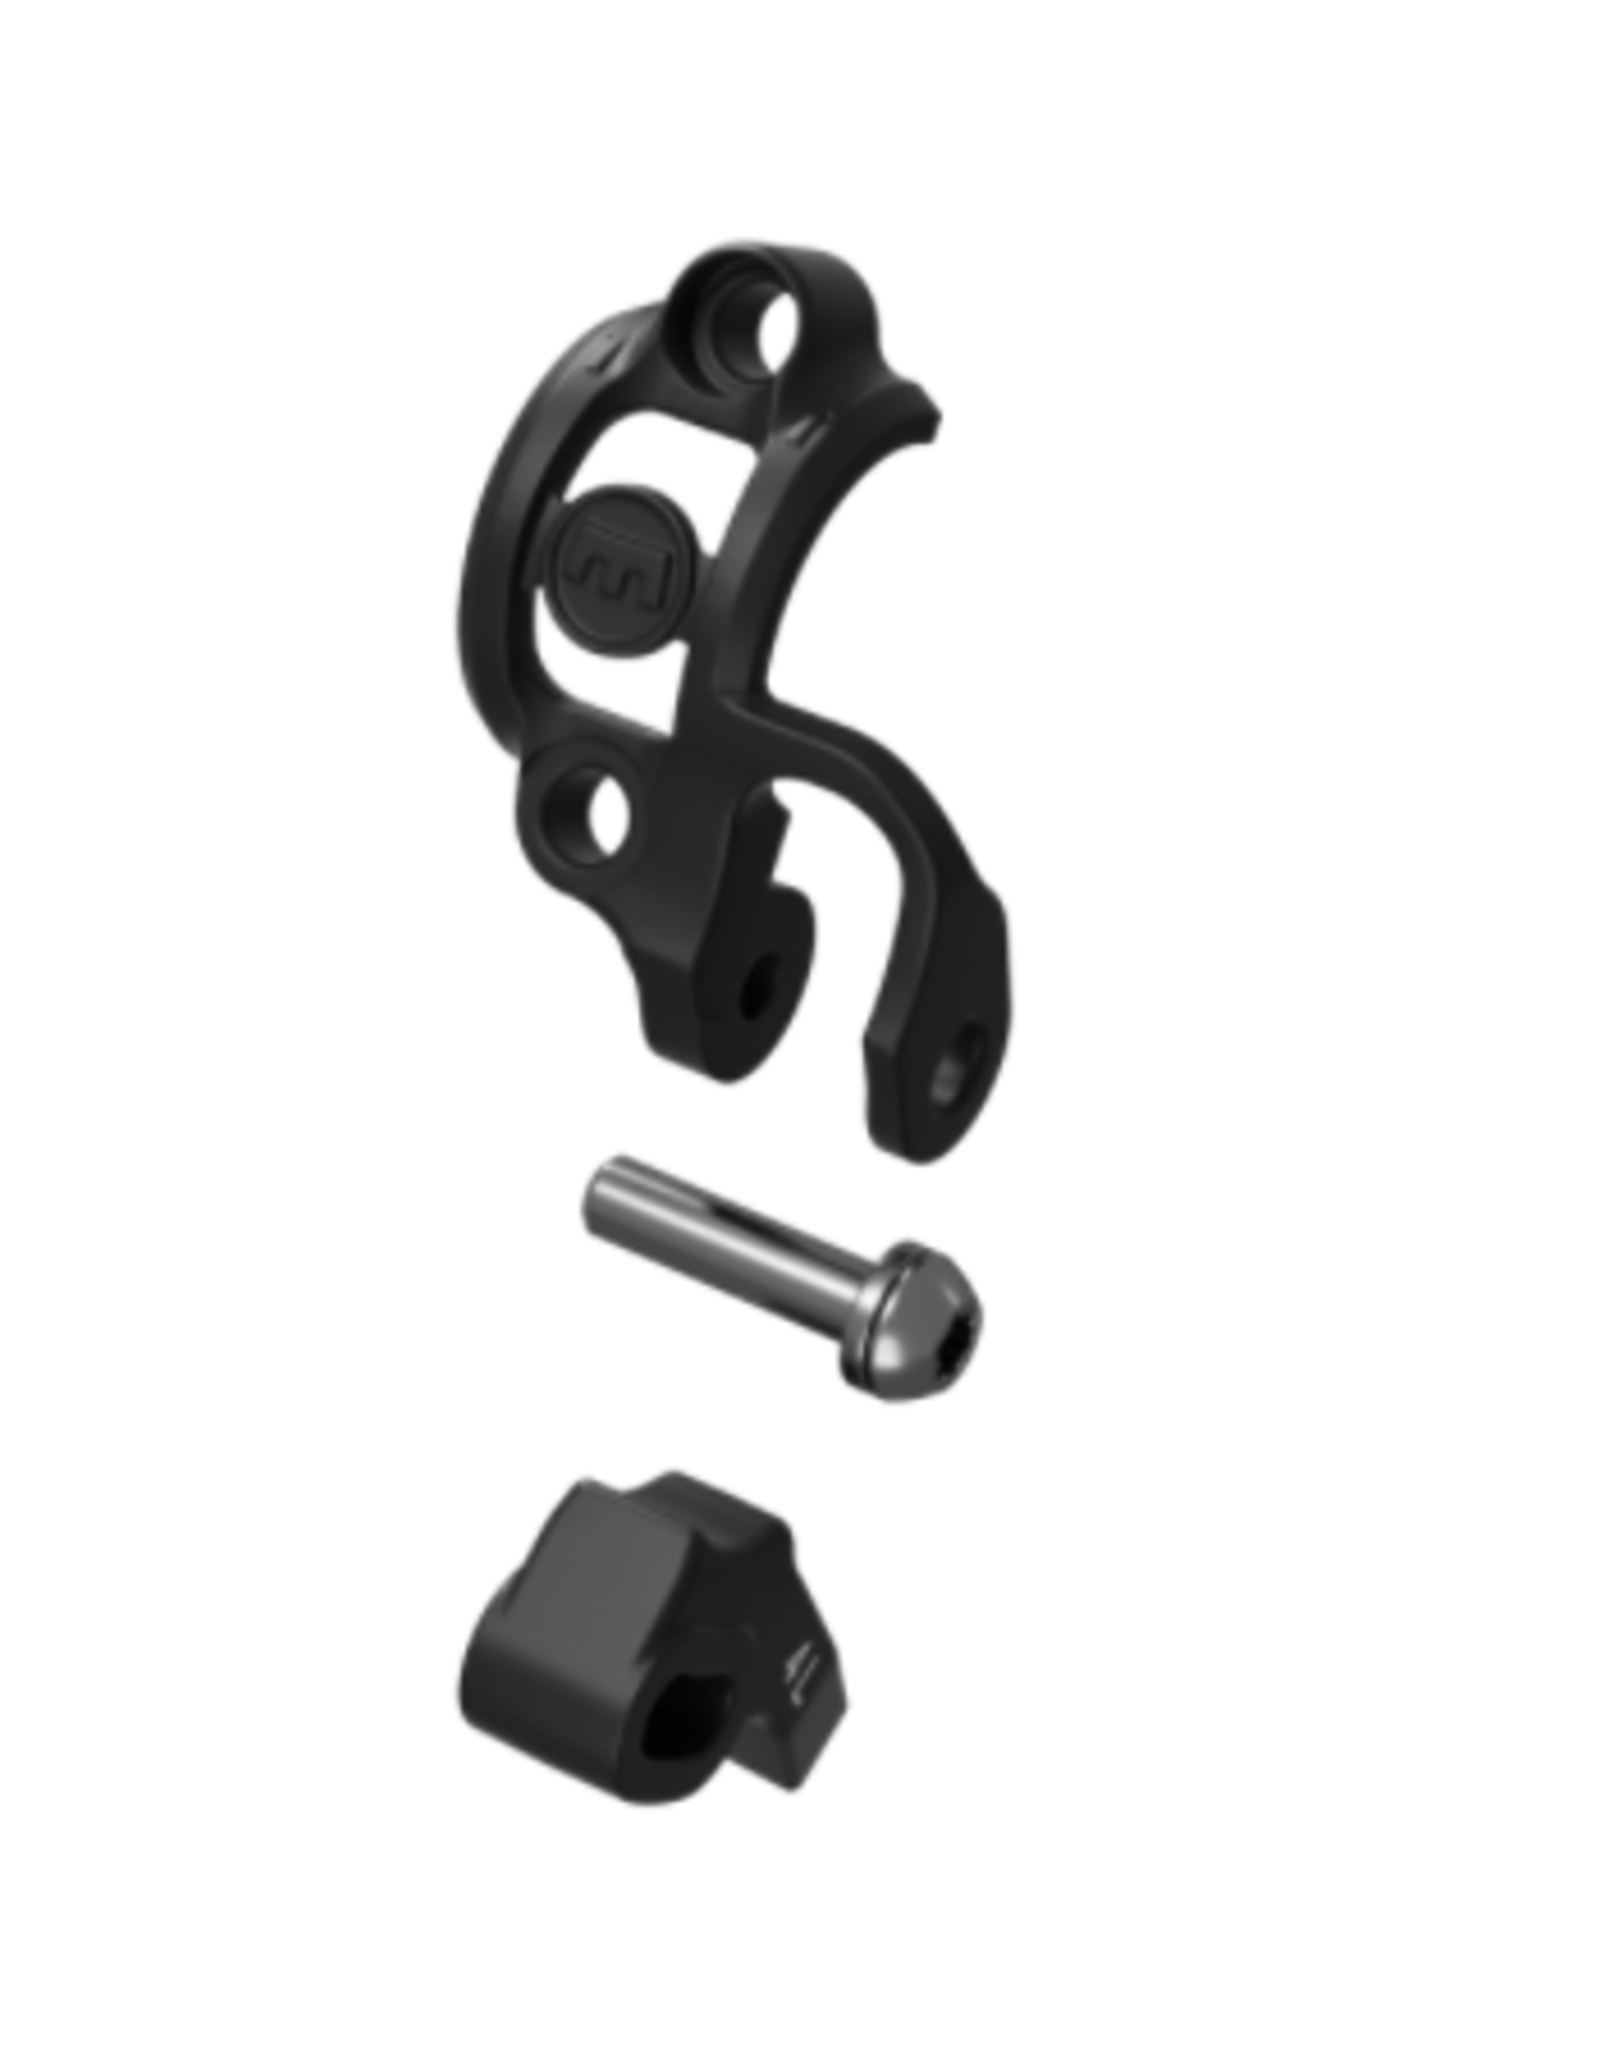 Magura Magura Handlebar clamp Shiftmix 4, left, for Shimano I-Spec EV, black (PU = 1 piece)